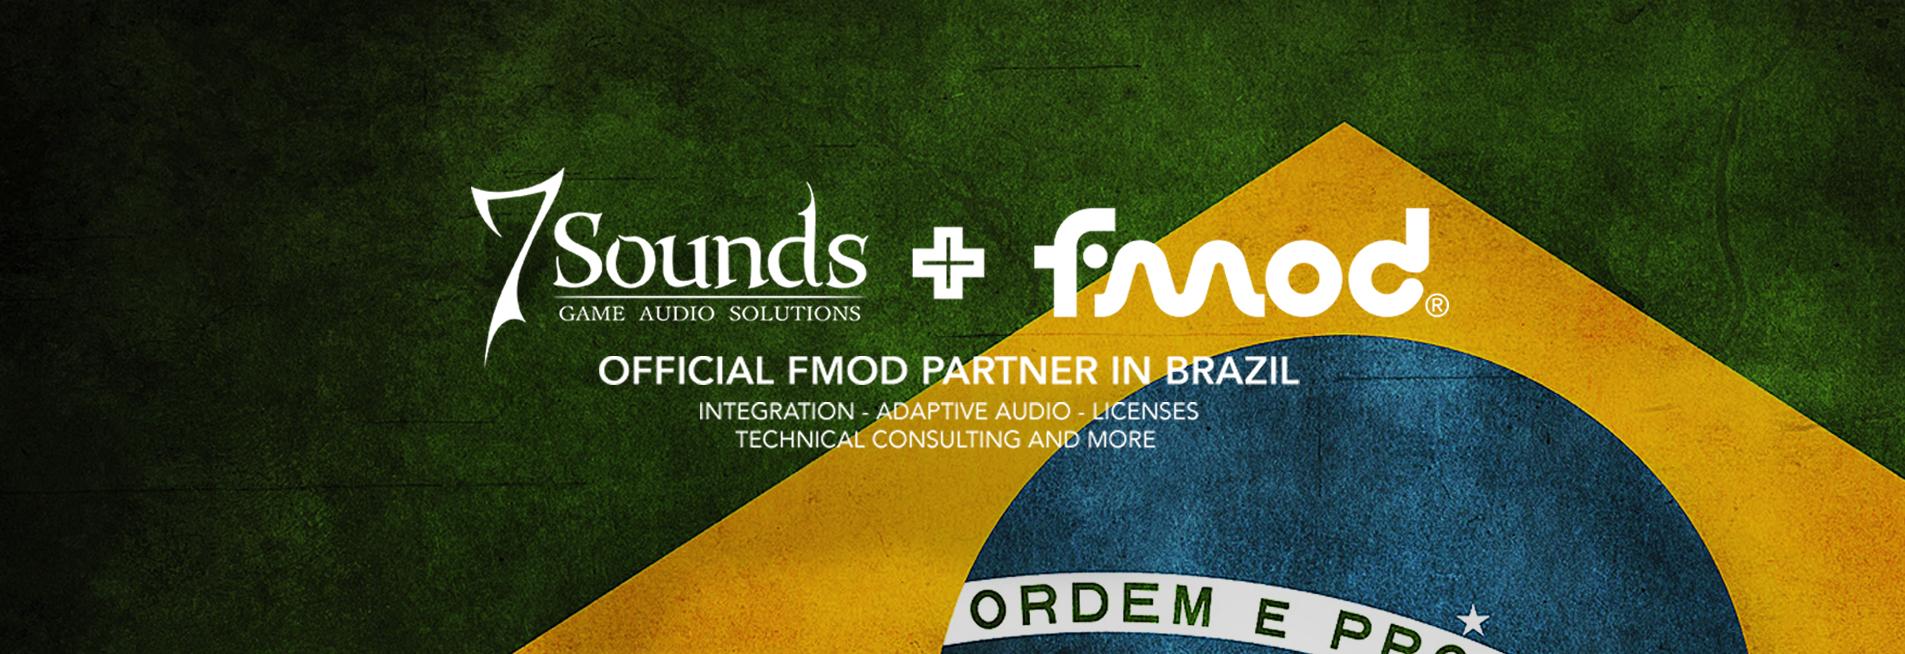 (c) 7sounds.audio